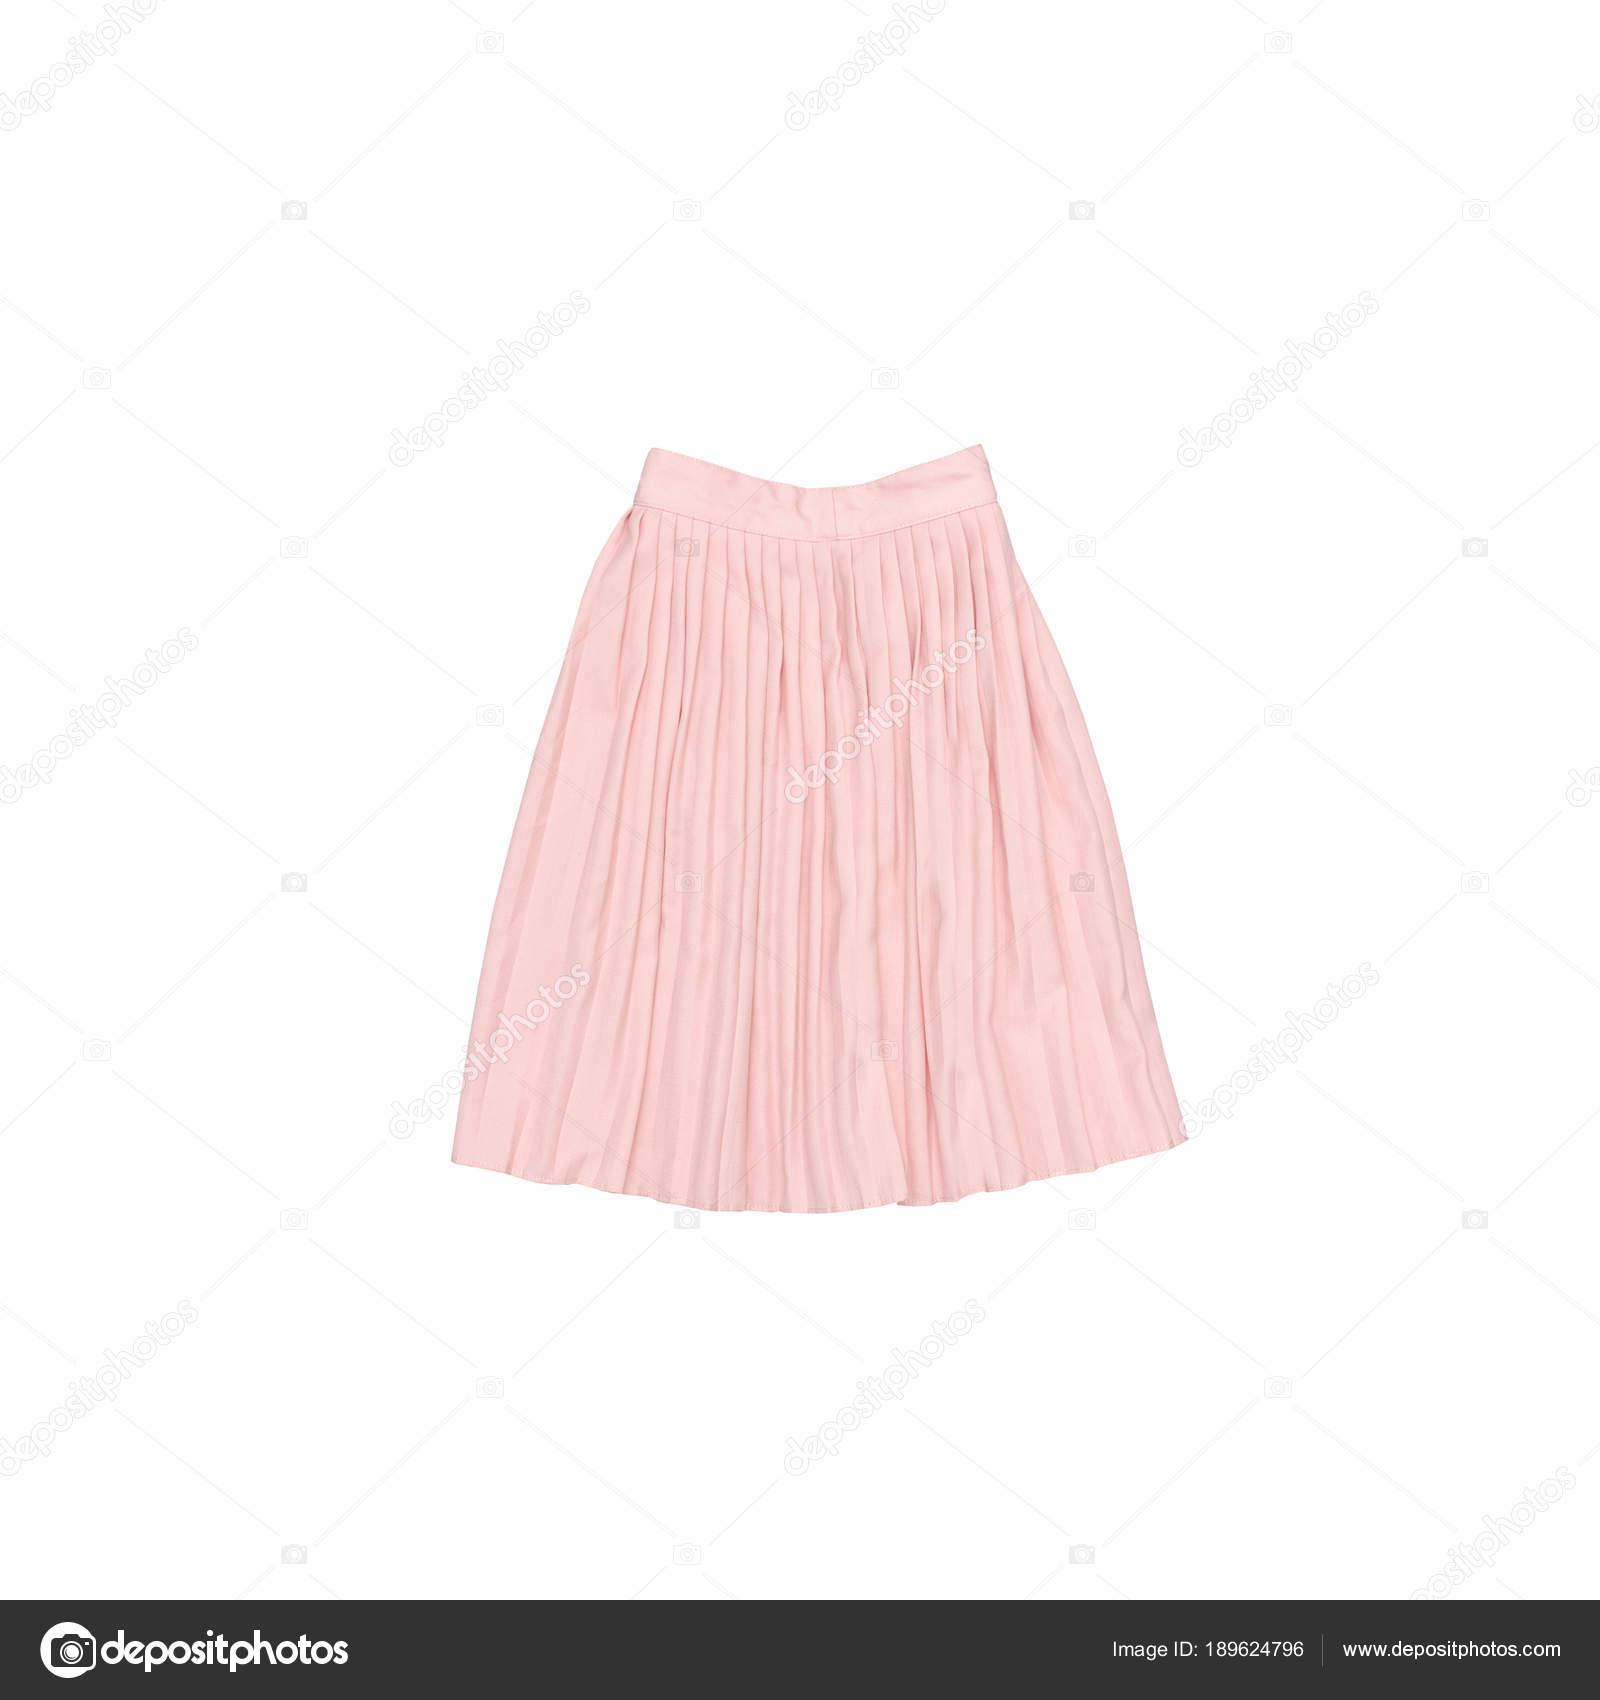 Falda plisada color rosa. Concepto de moda. Aislado — Foto de stock ... 7d1e3ba5663c